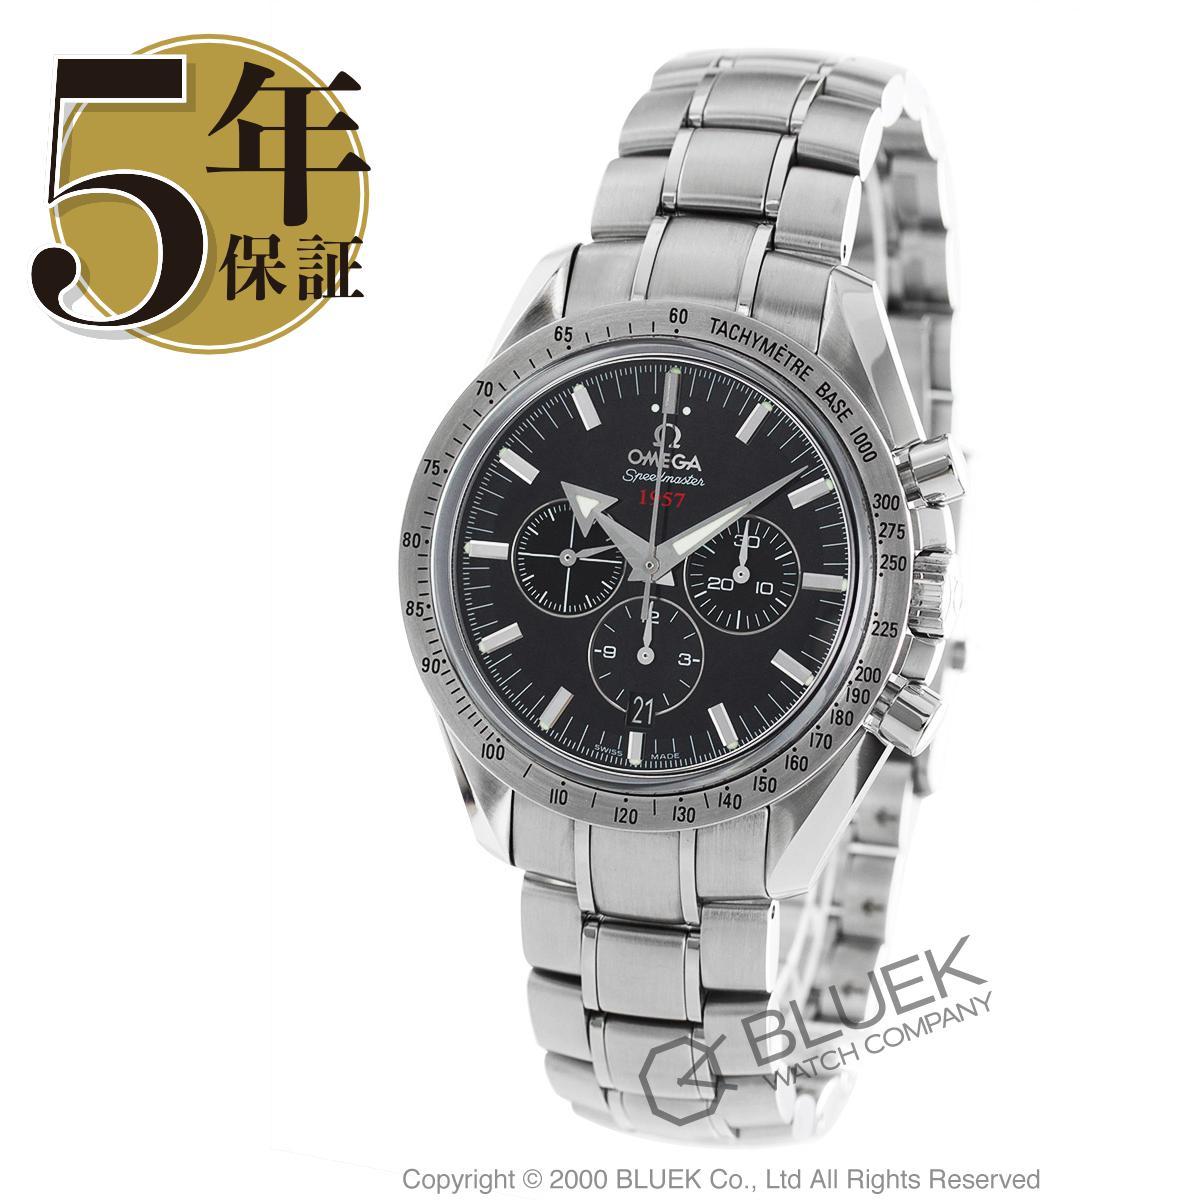 オメガ スピードマスター ブロードアロー クロノグラフ 腕時計 メンズ OMEGA 321.10.42.50.01.001_5